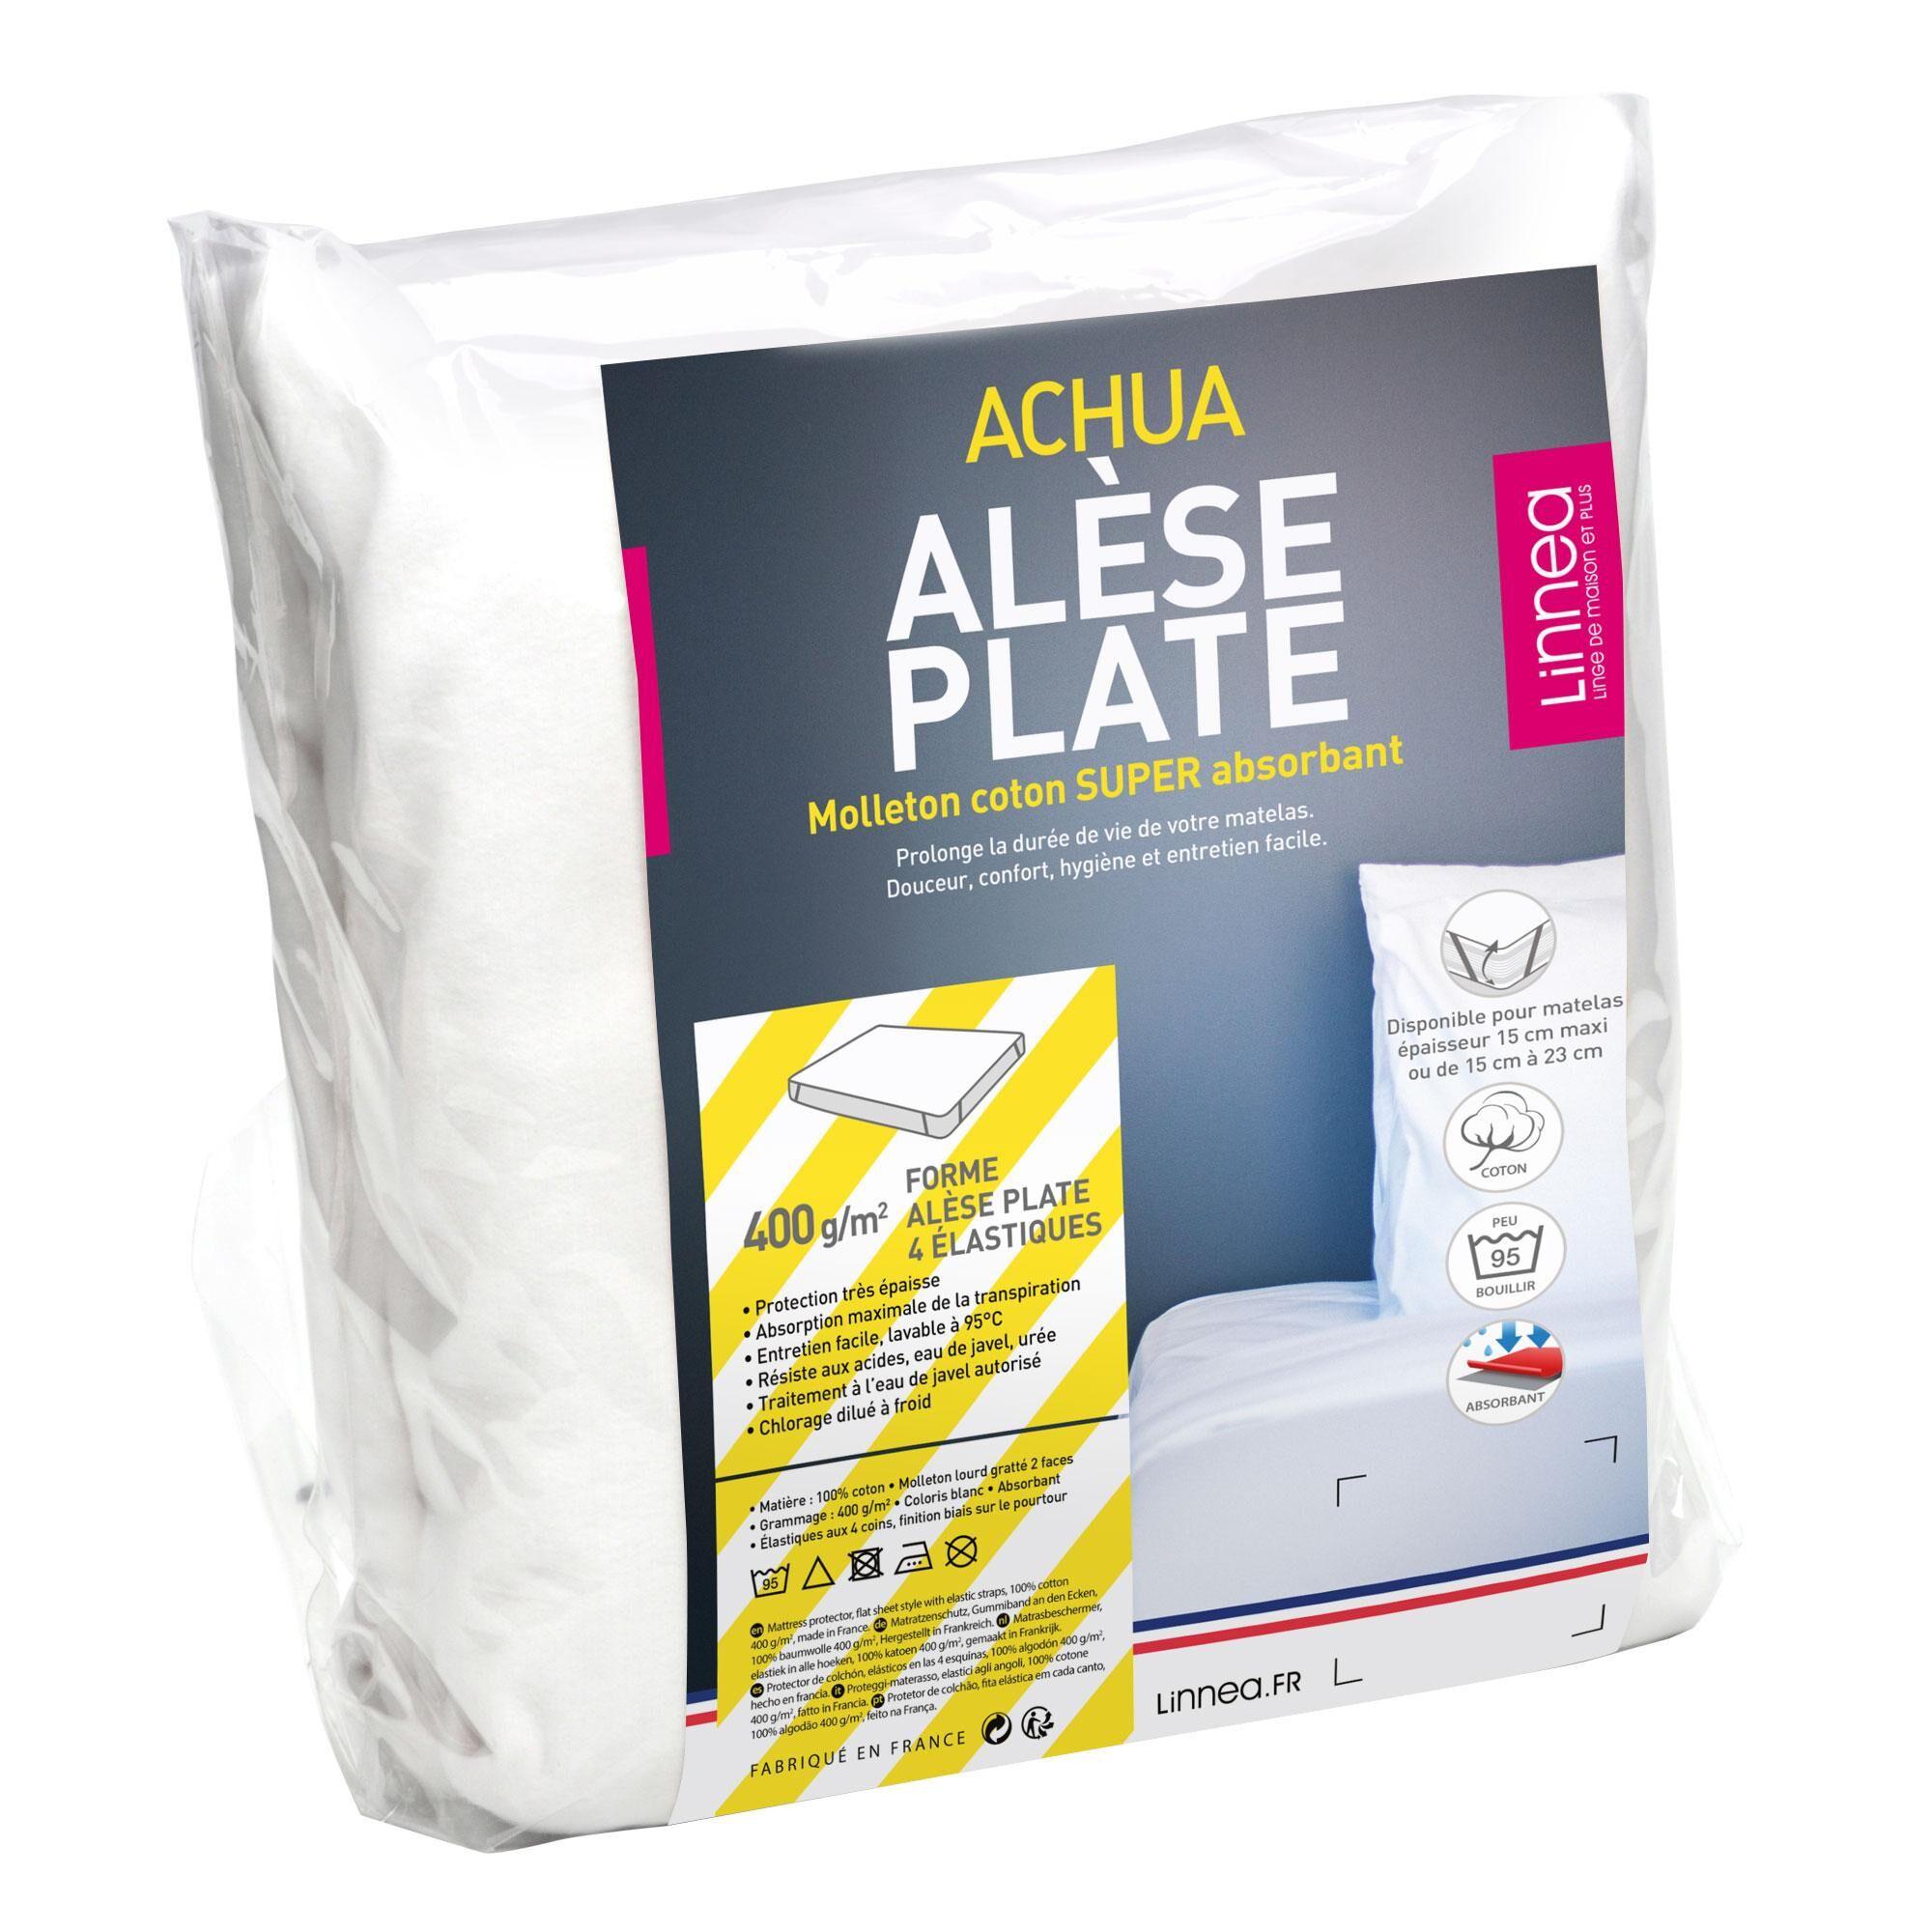 Linnea Alèse plate 80x190 cm ACHUA Molleton 100% coton 400 g/m2 matelas 15cm à 23cm